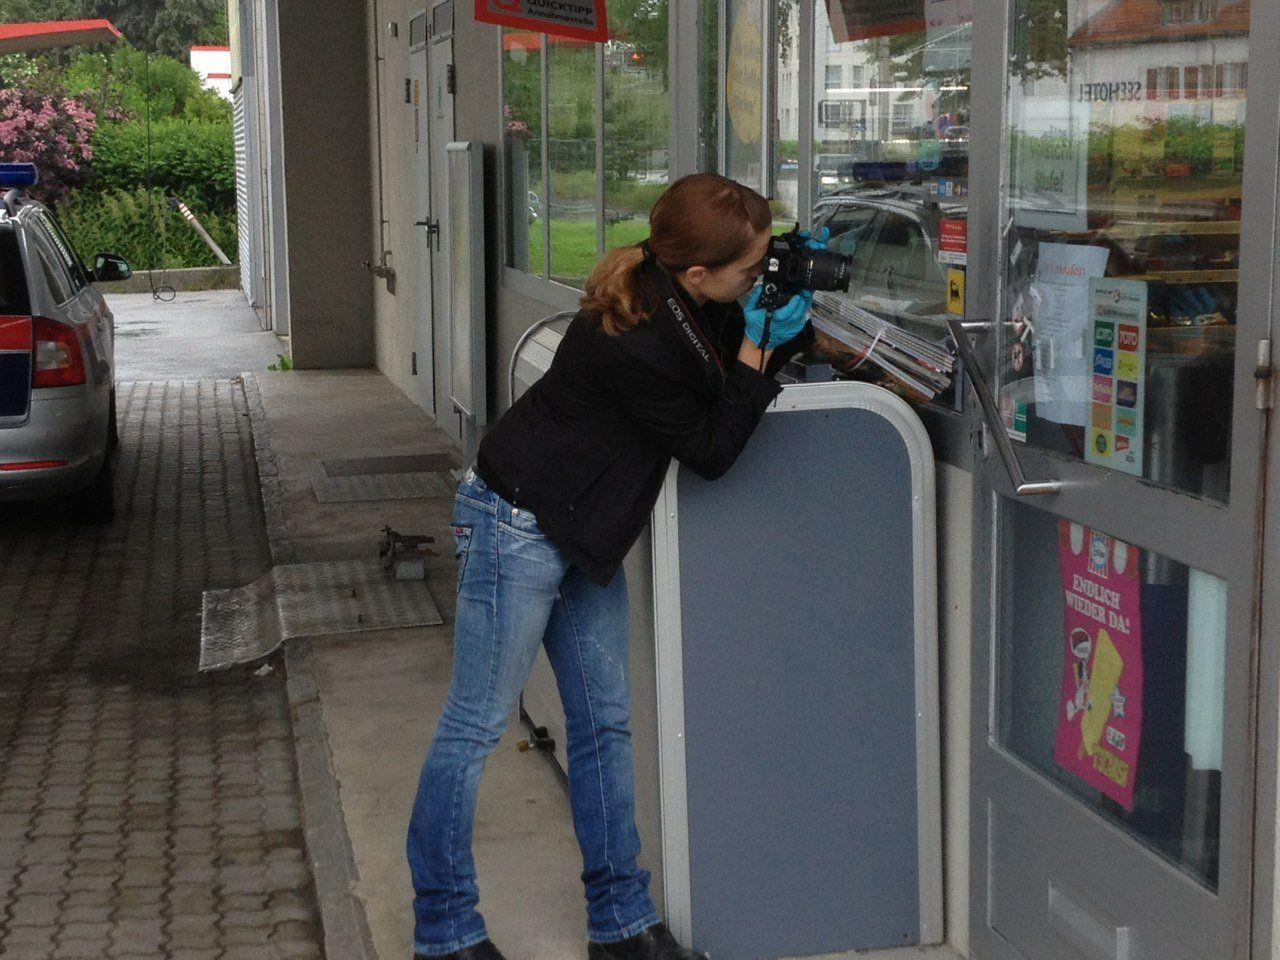 Die Spurensicherung bei der Arbeit nach einem versuchten Einbruch an der Eni-Tankstelle in Lochau.